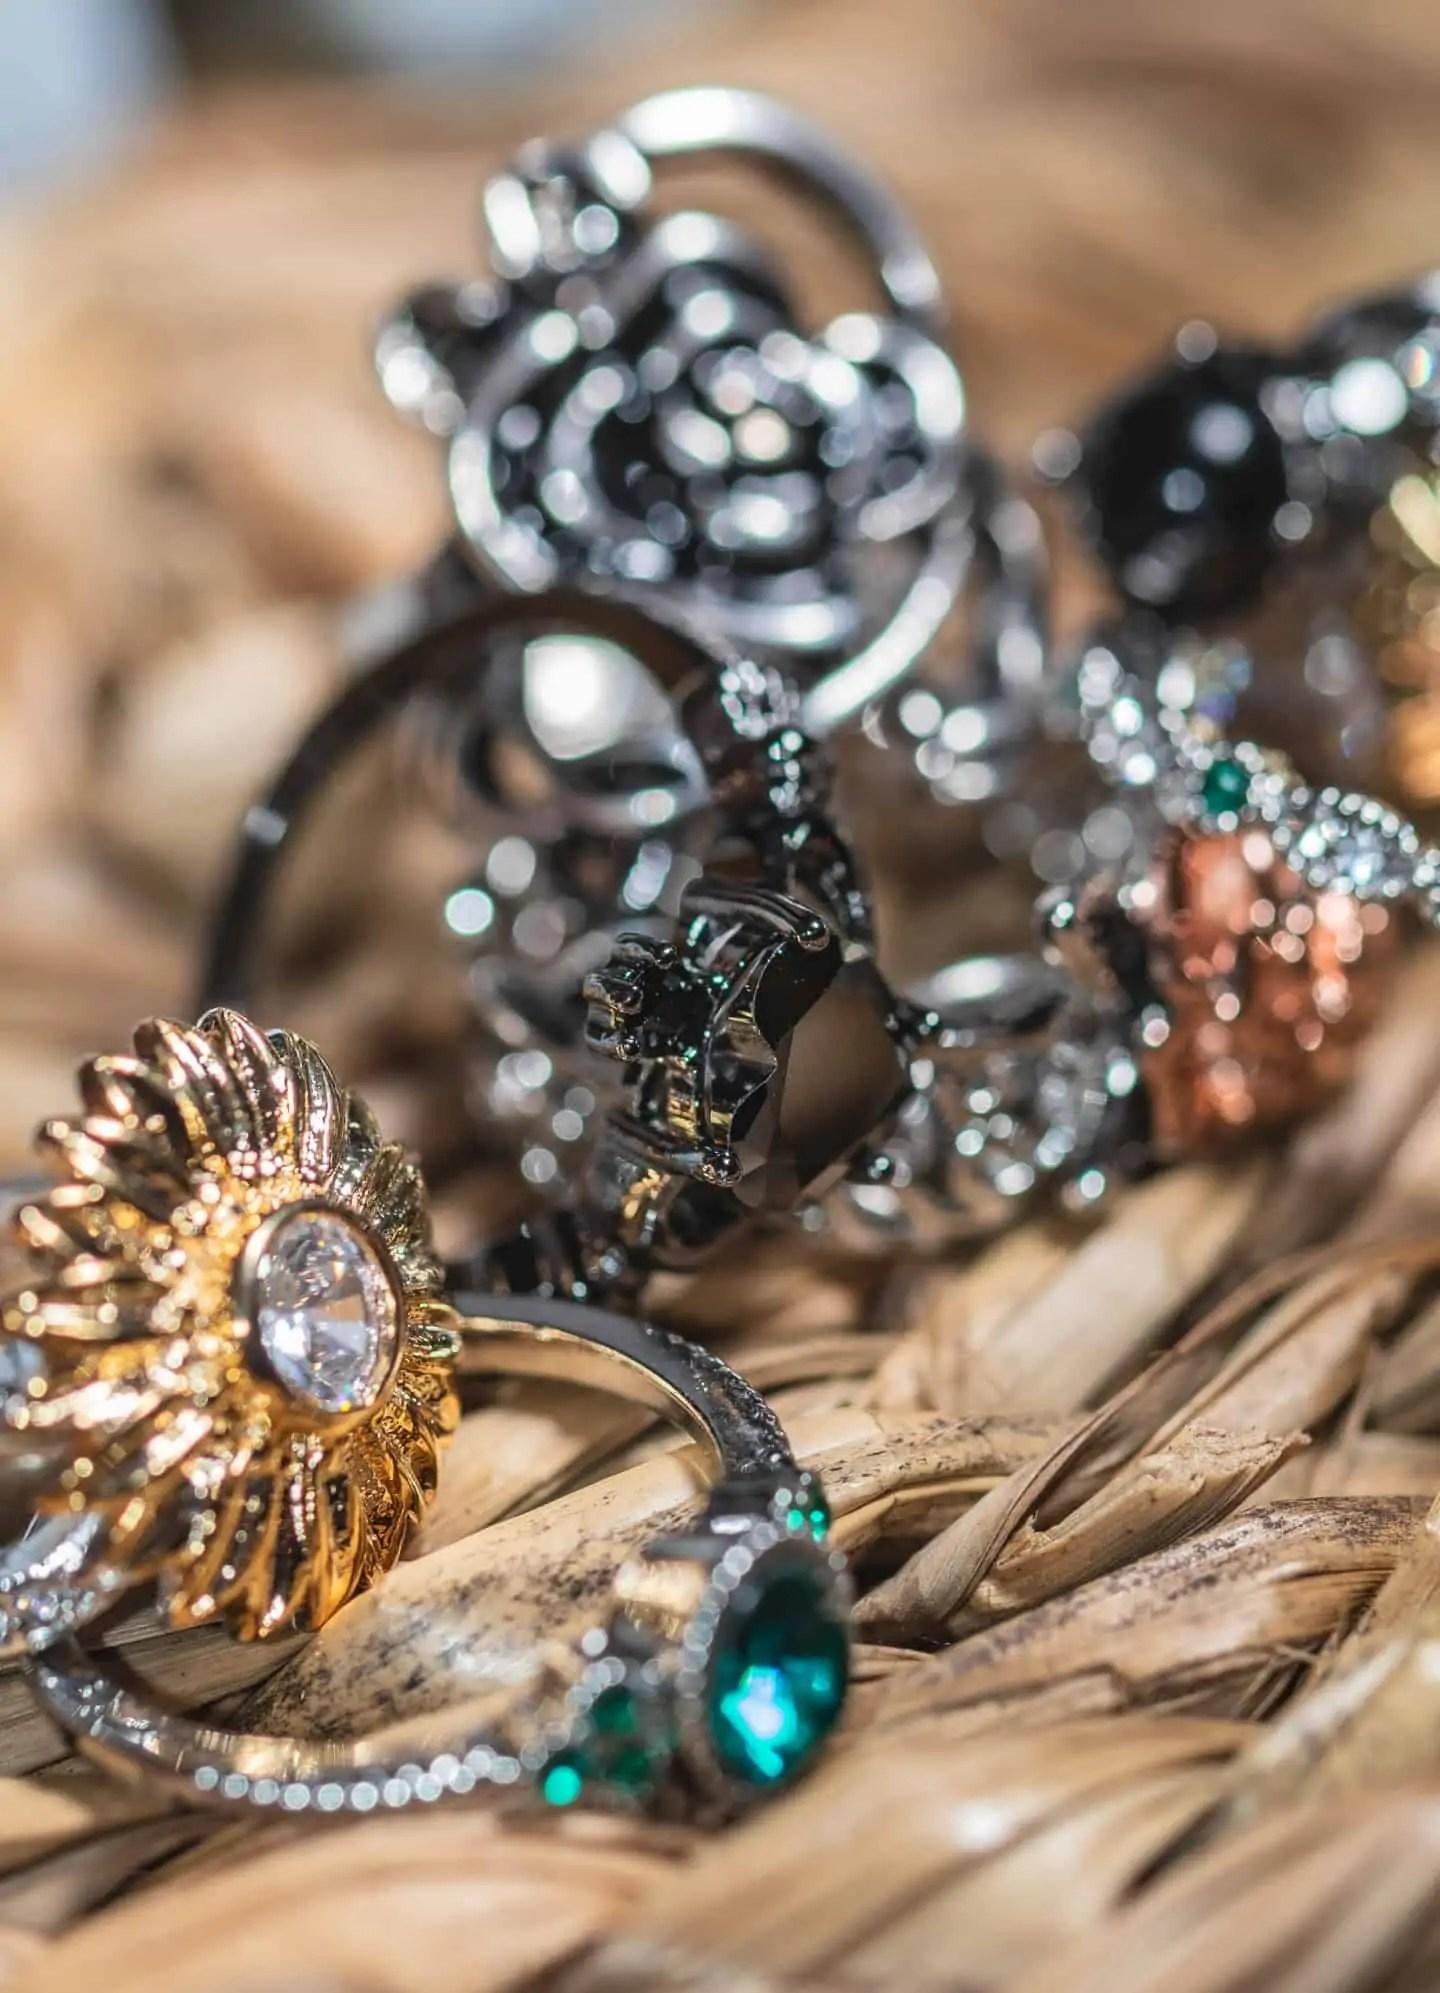 Fotografia produktowa w domu zbiór biżuterii i czarne pierścionki refleksy 9 - Fotografia produktowa Gdańsk